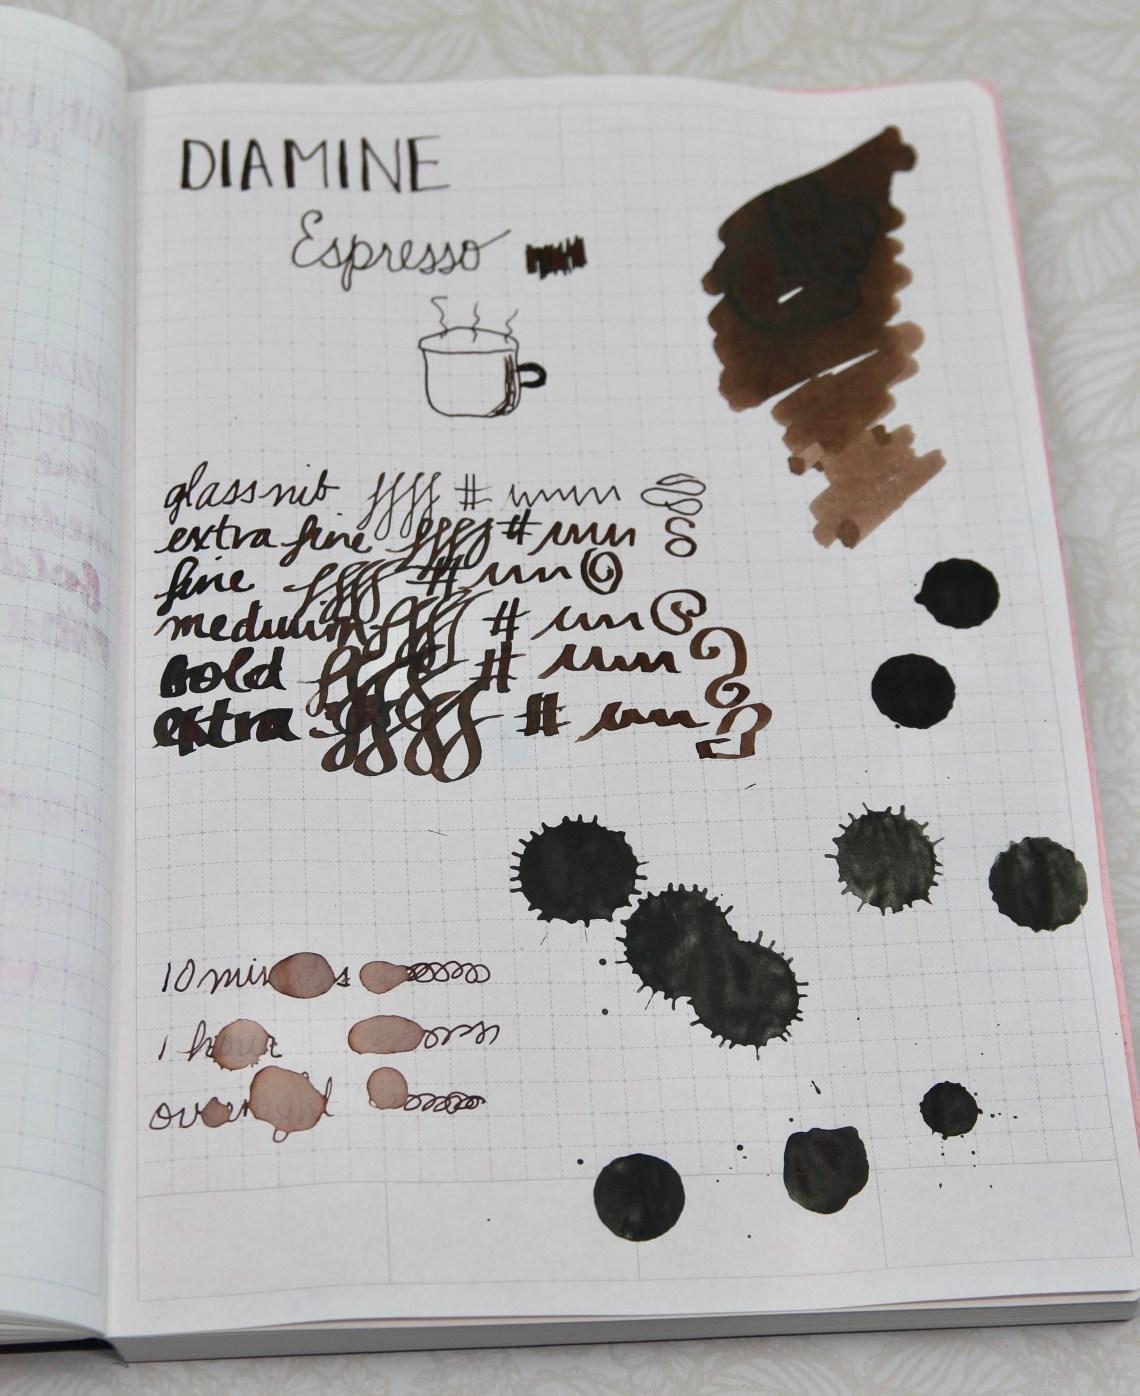 Diamine Espresso